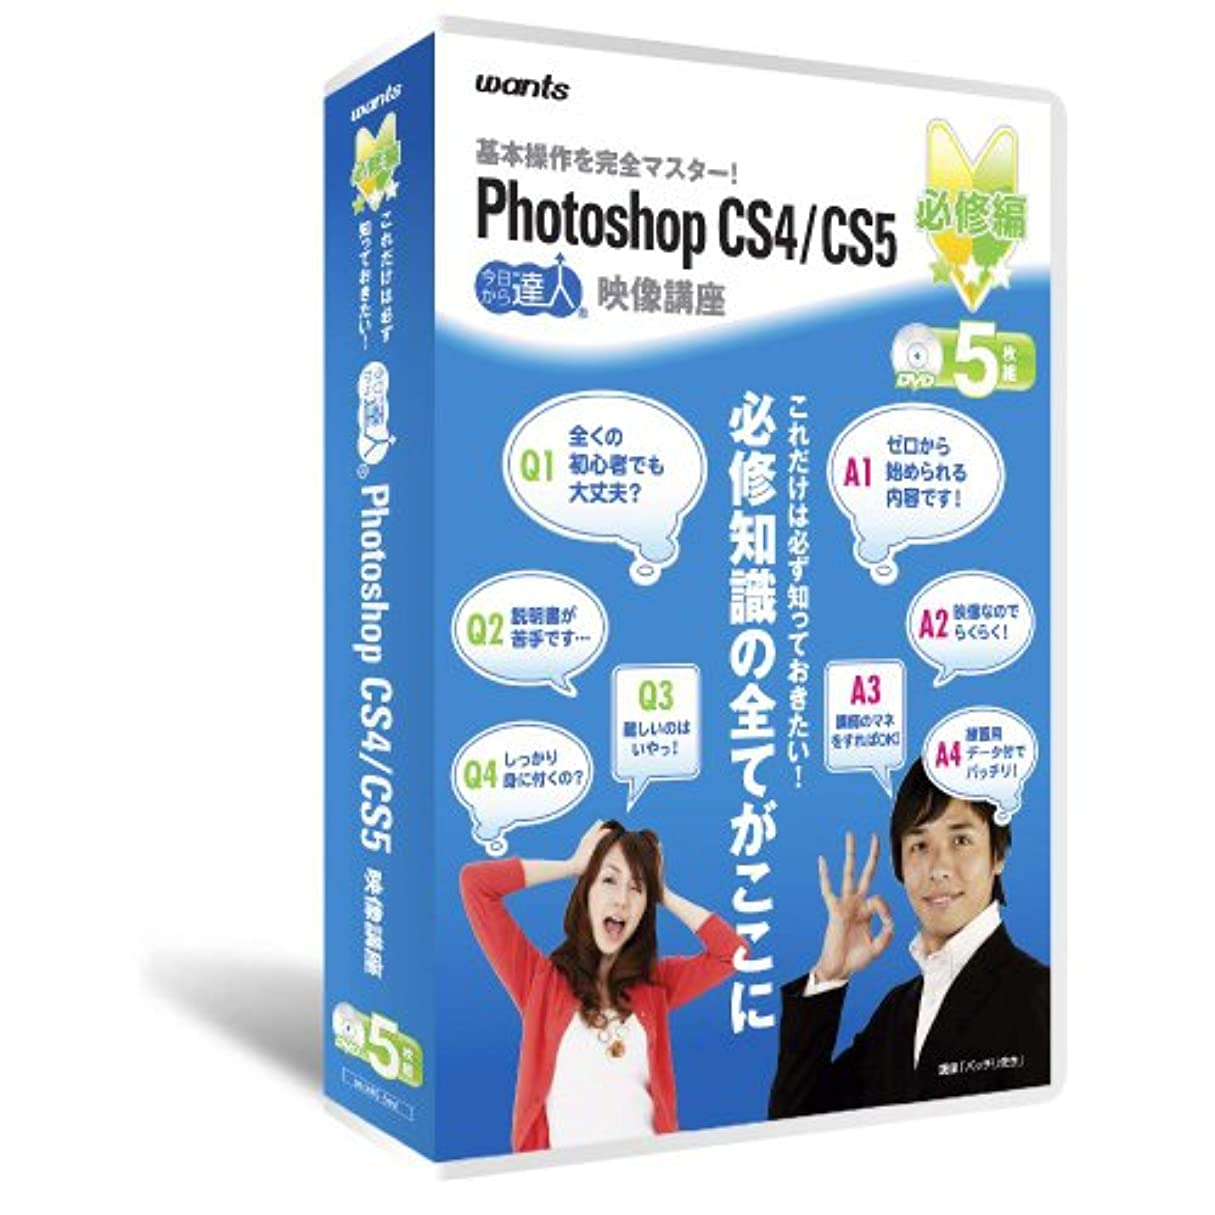 経度スポーツの試合を担当している人スタジオウォンツ Photoshop CS4/CS5:DVD講座 必修編(5枚組)